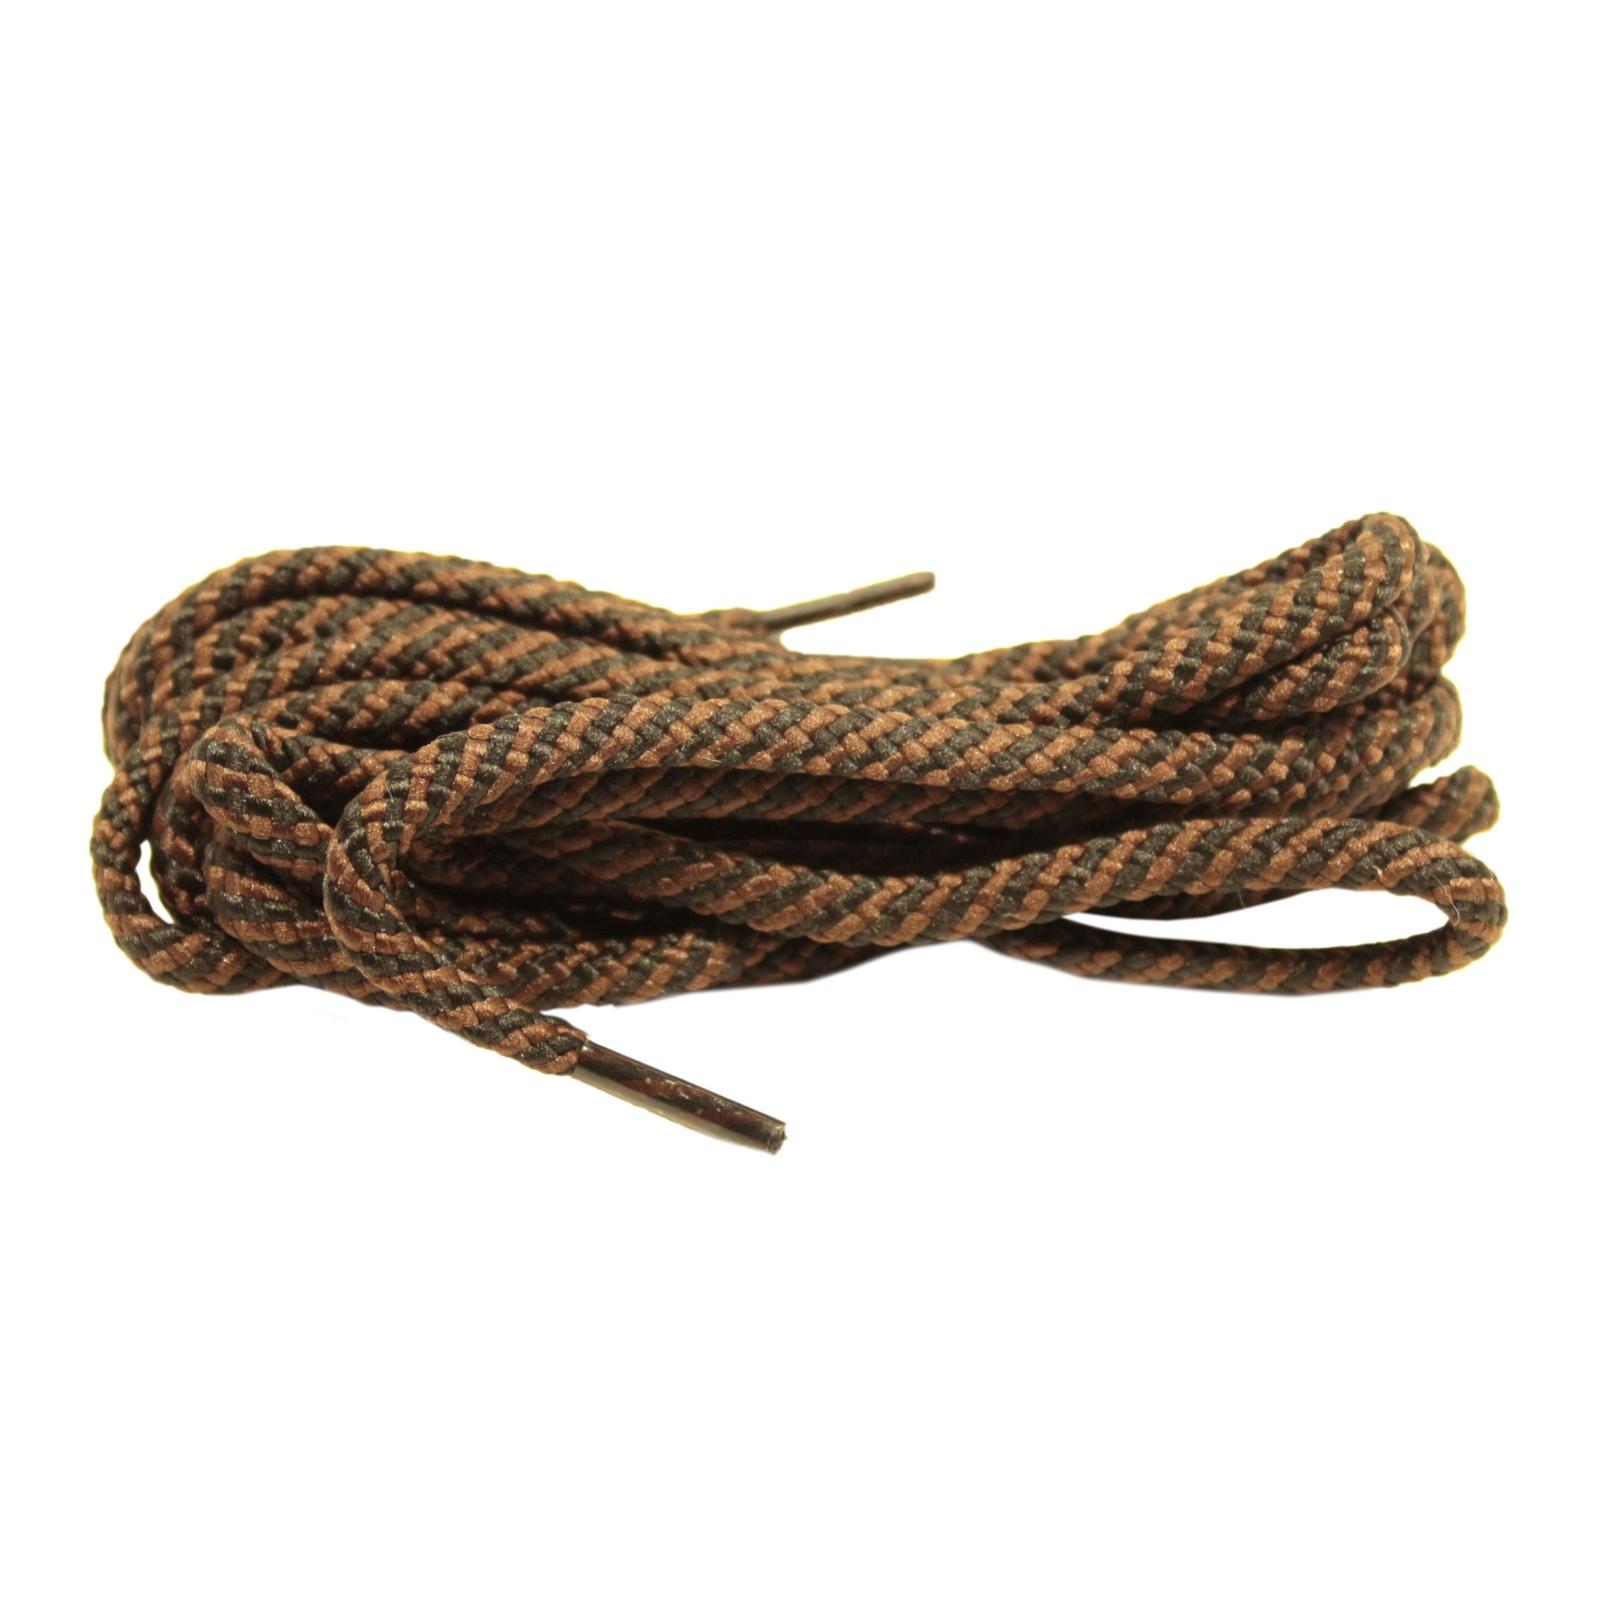 Шнурки Шнурком В865 круглые 6мм 120см, Полиэфир шнурки для обуви радуга active усиленные круглые с наполнителем цвет белый 110 см